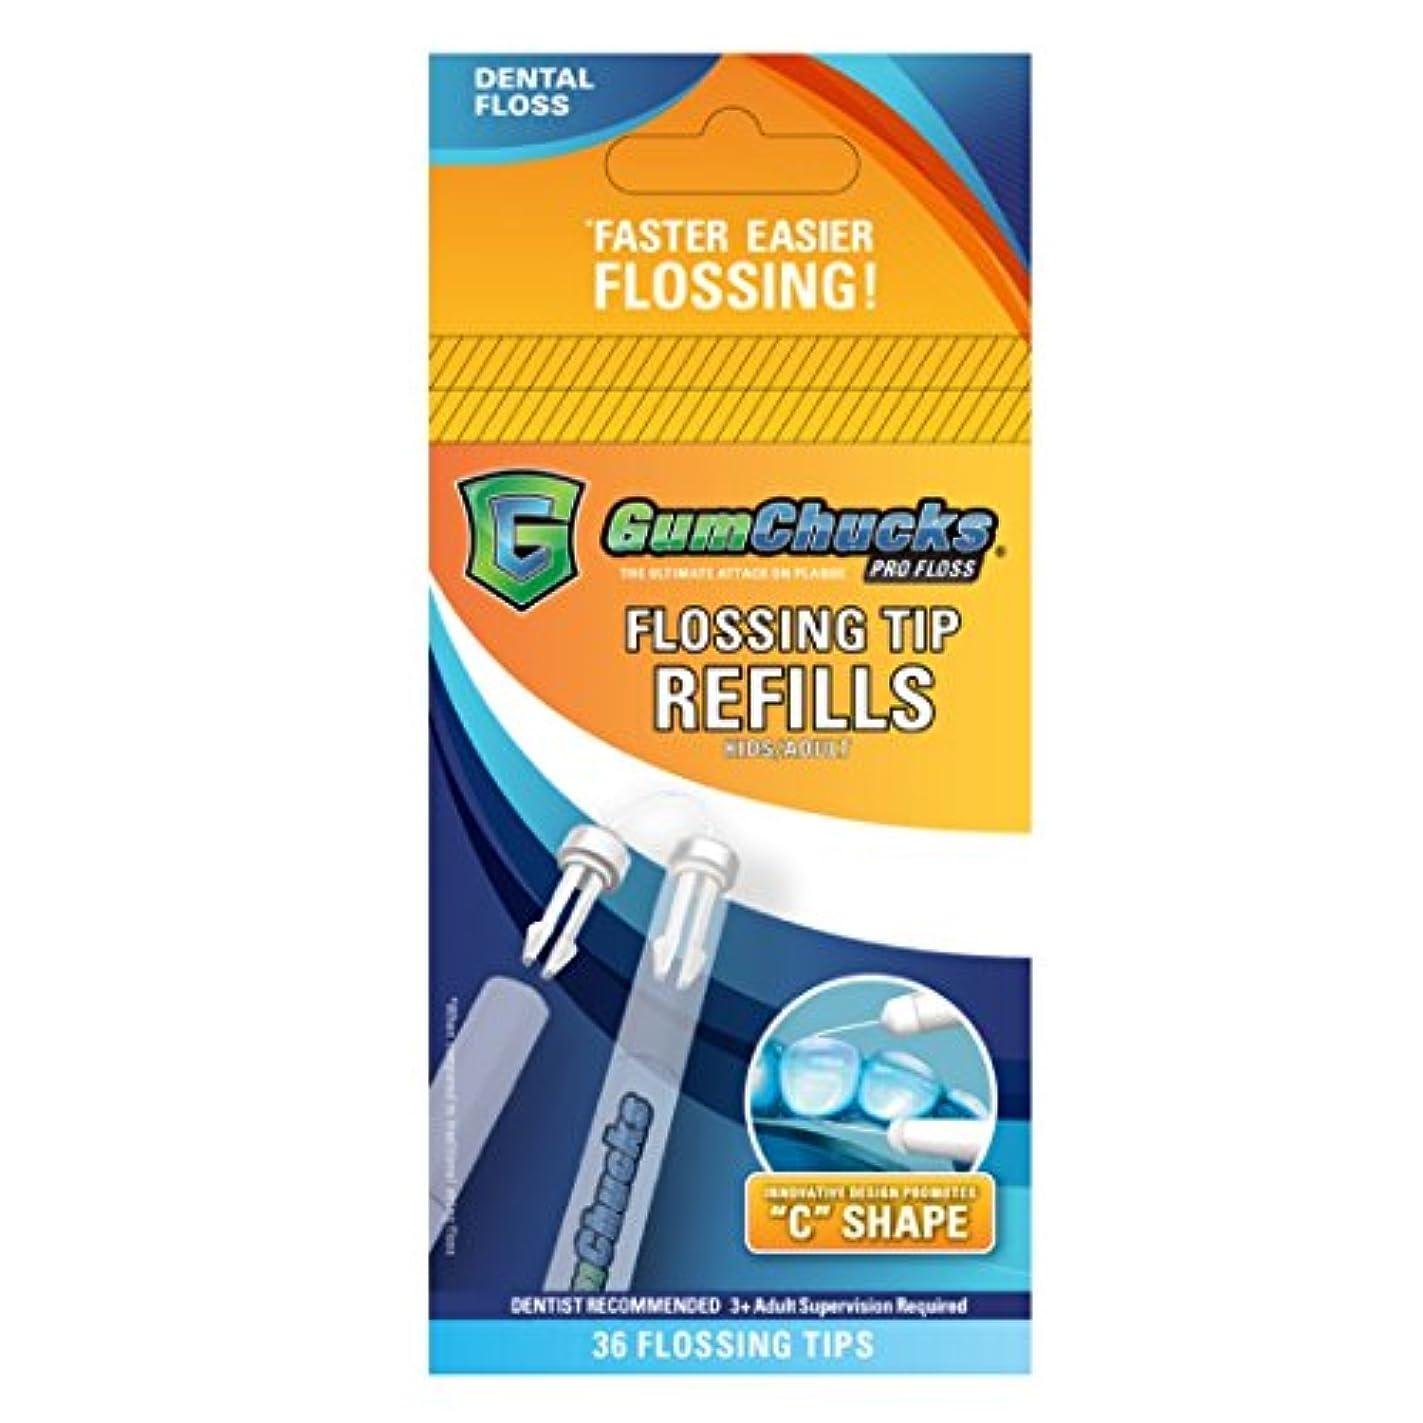 絶望的な粘着性伝導クロスフィールド ガムチャックス リフィルパック 36本入 × 1個 フロス/歯間清掃